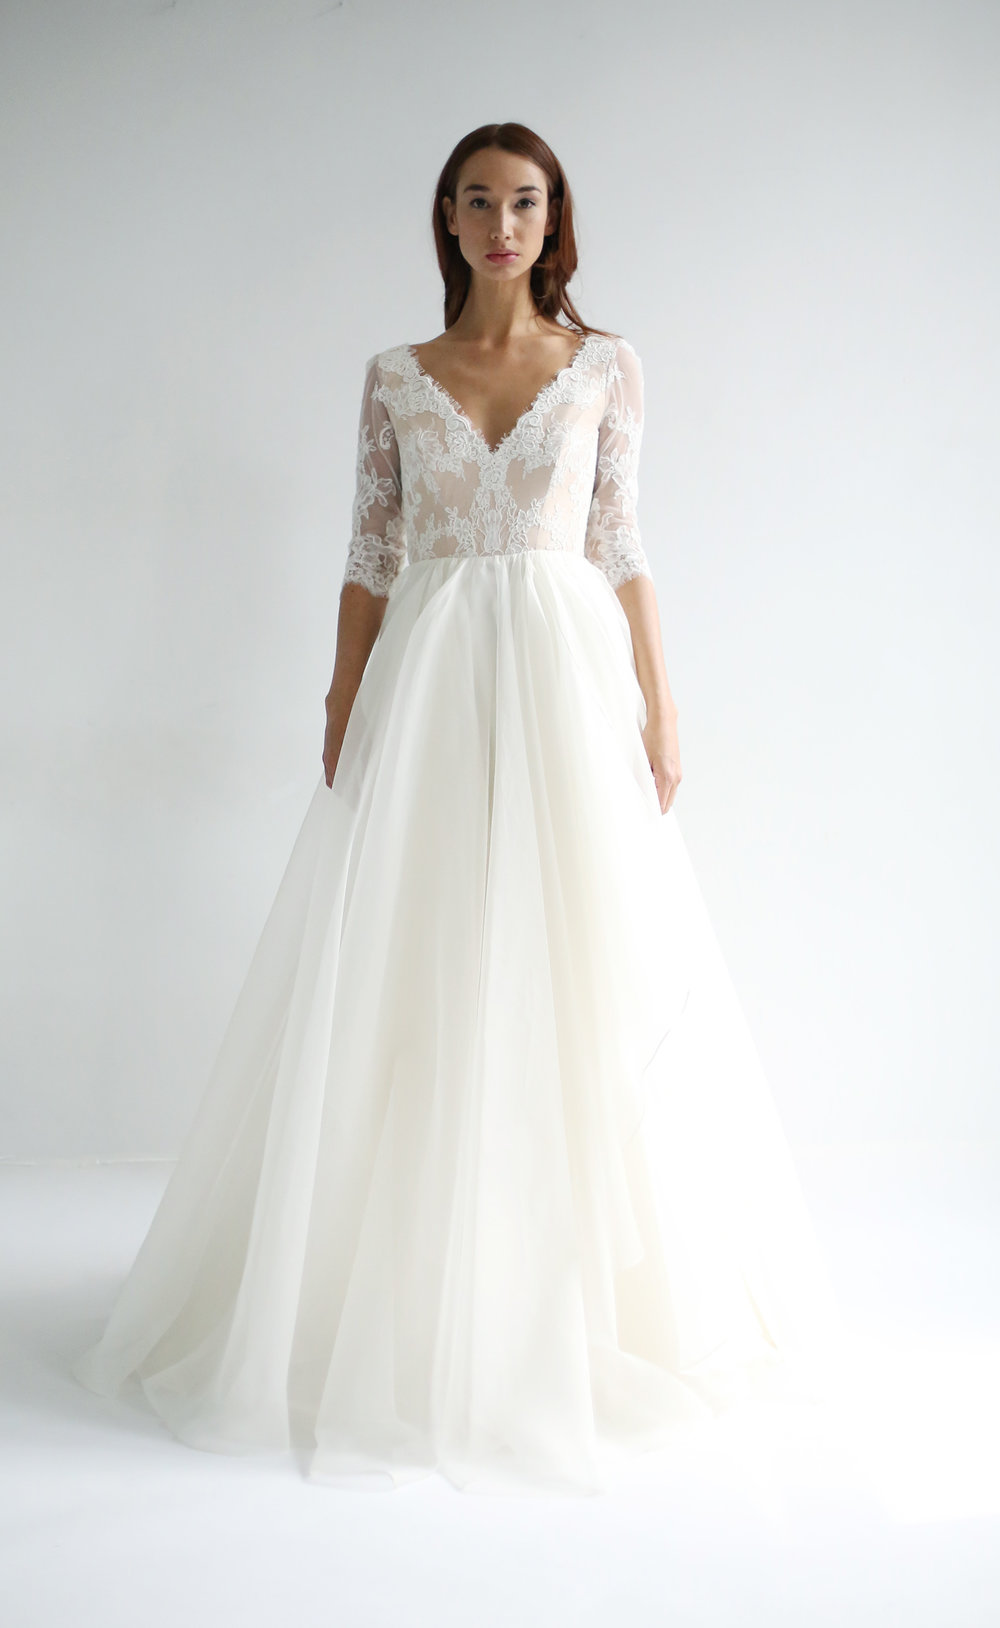 leanne-marshall-bridal-26.jpg